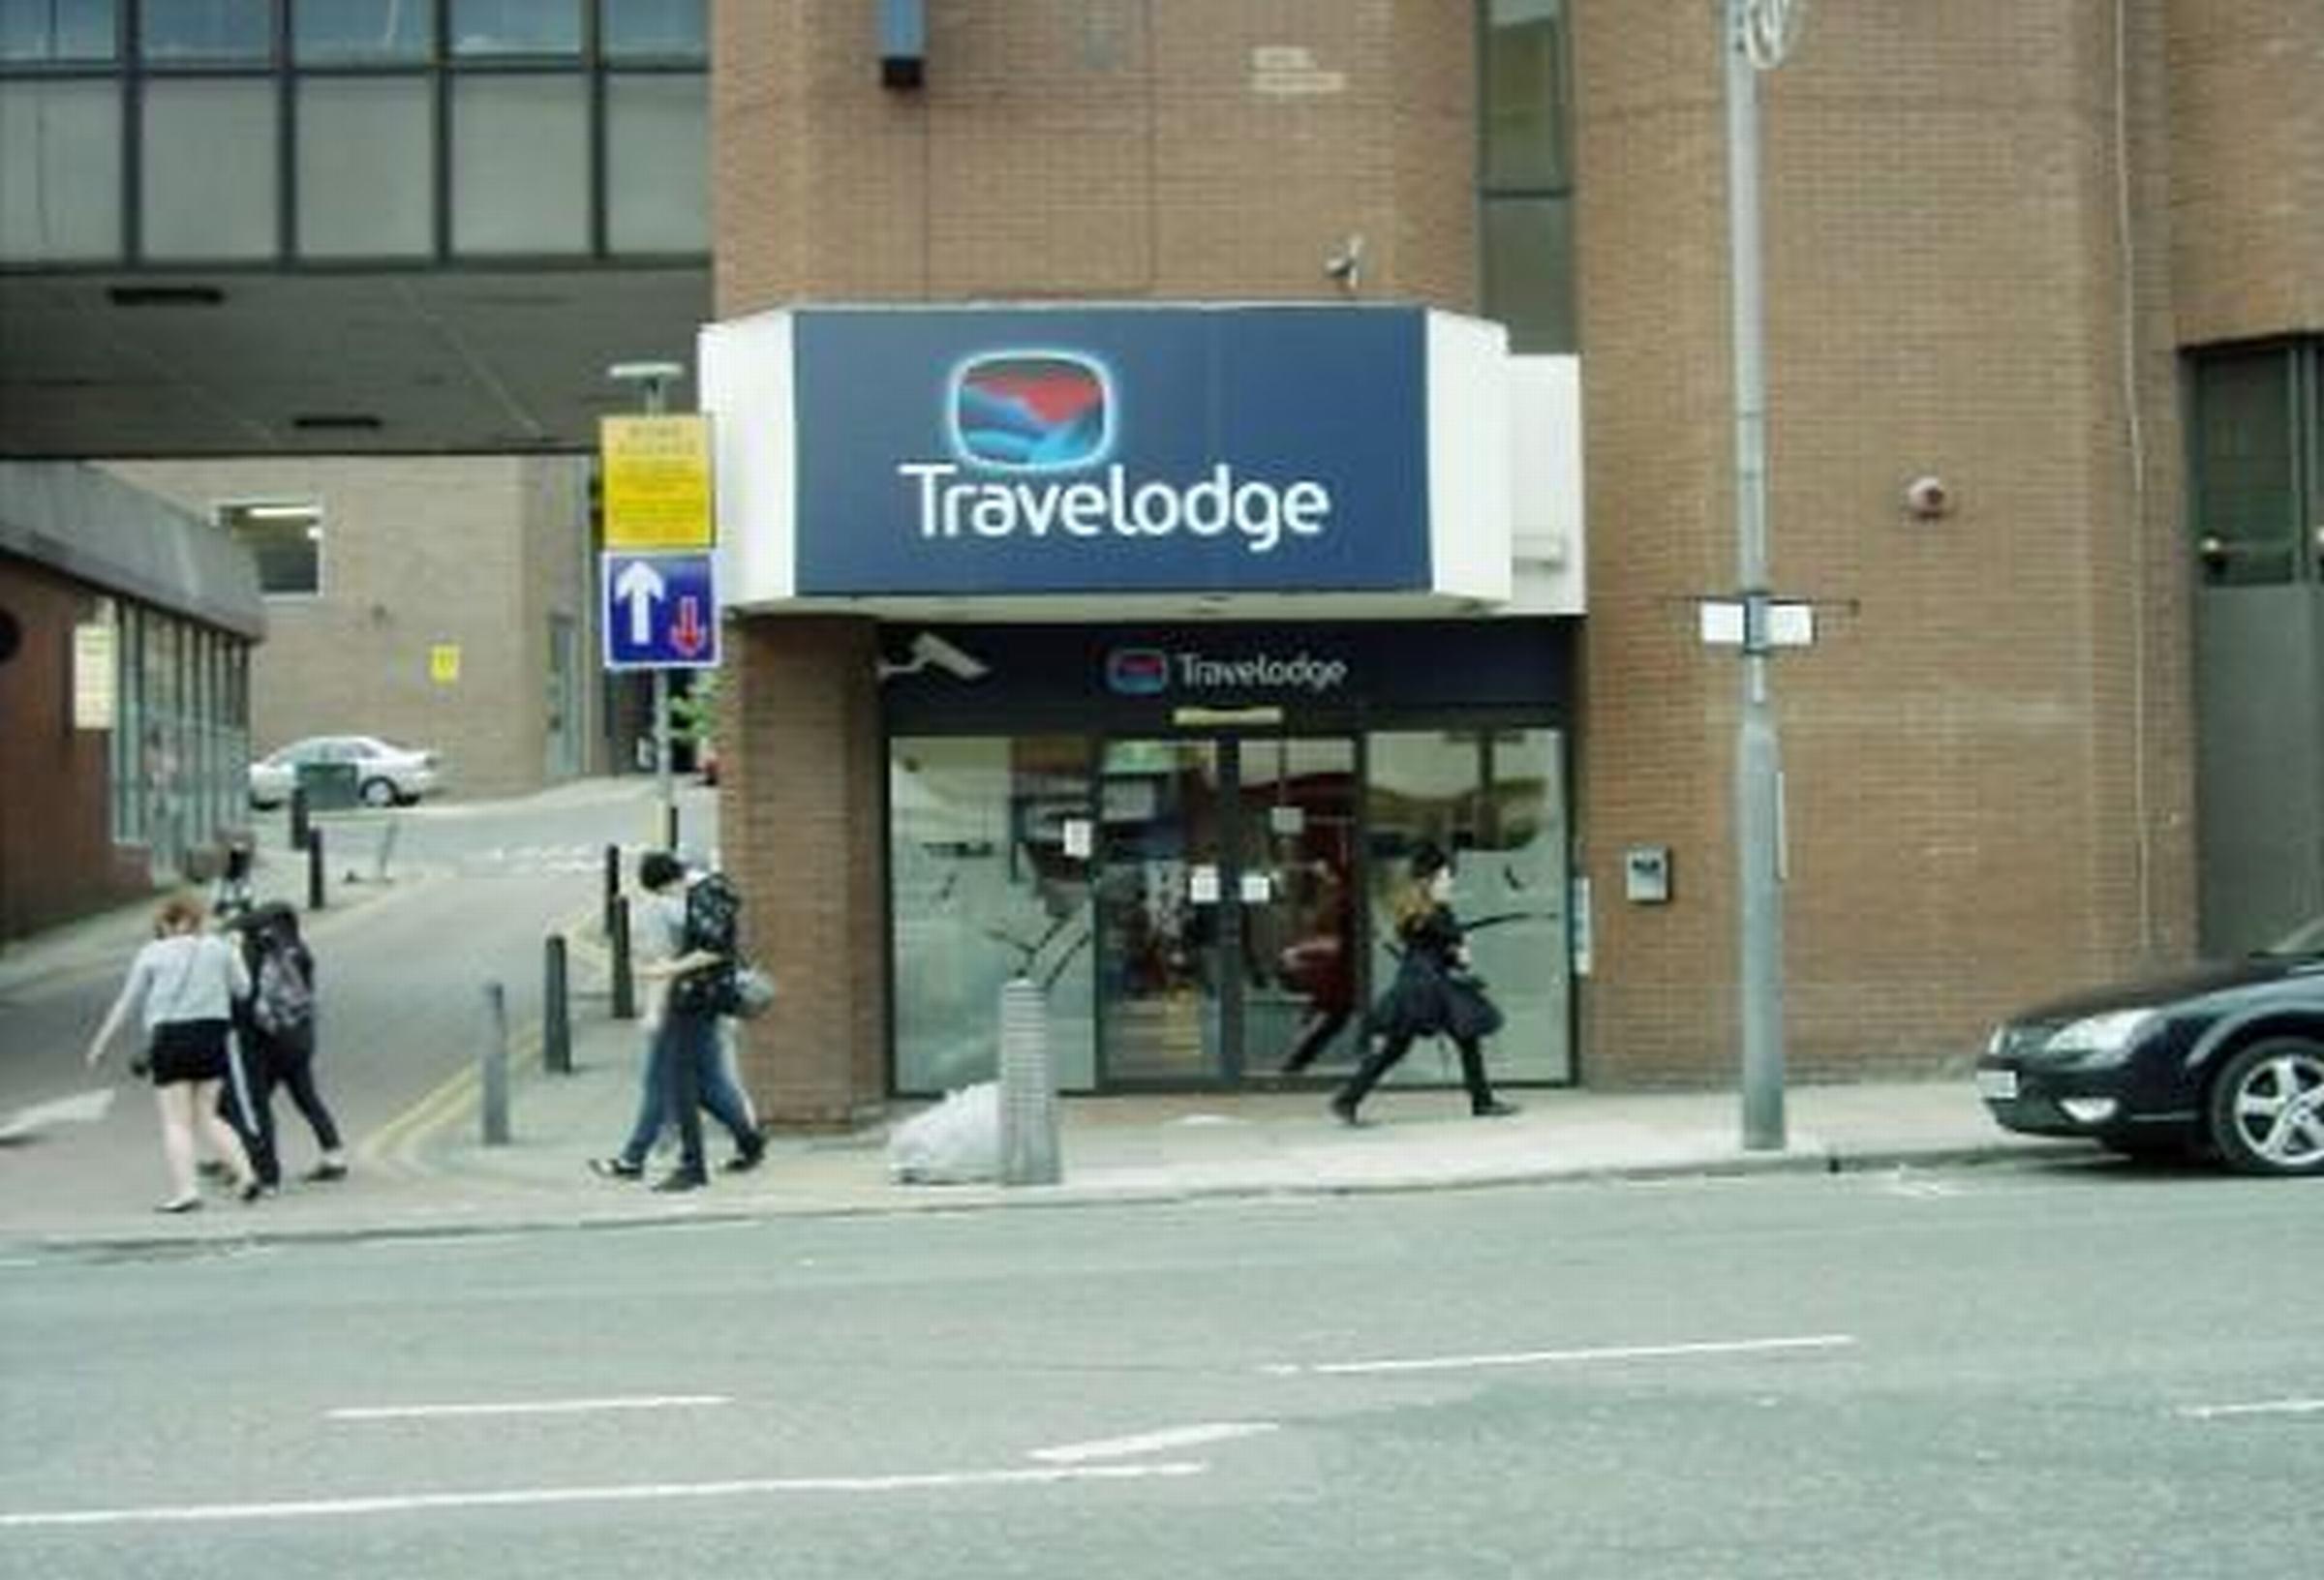 Travelodge Leeds Vicar Lane, Leeds